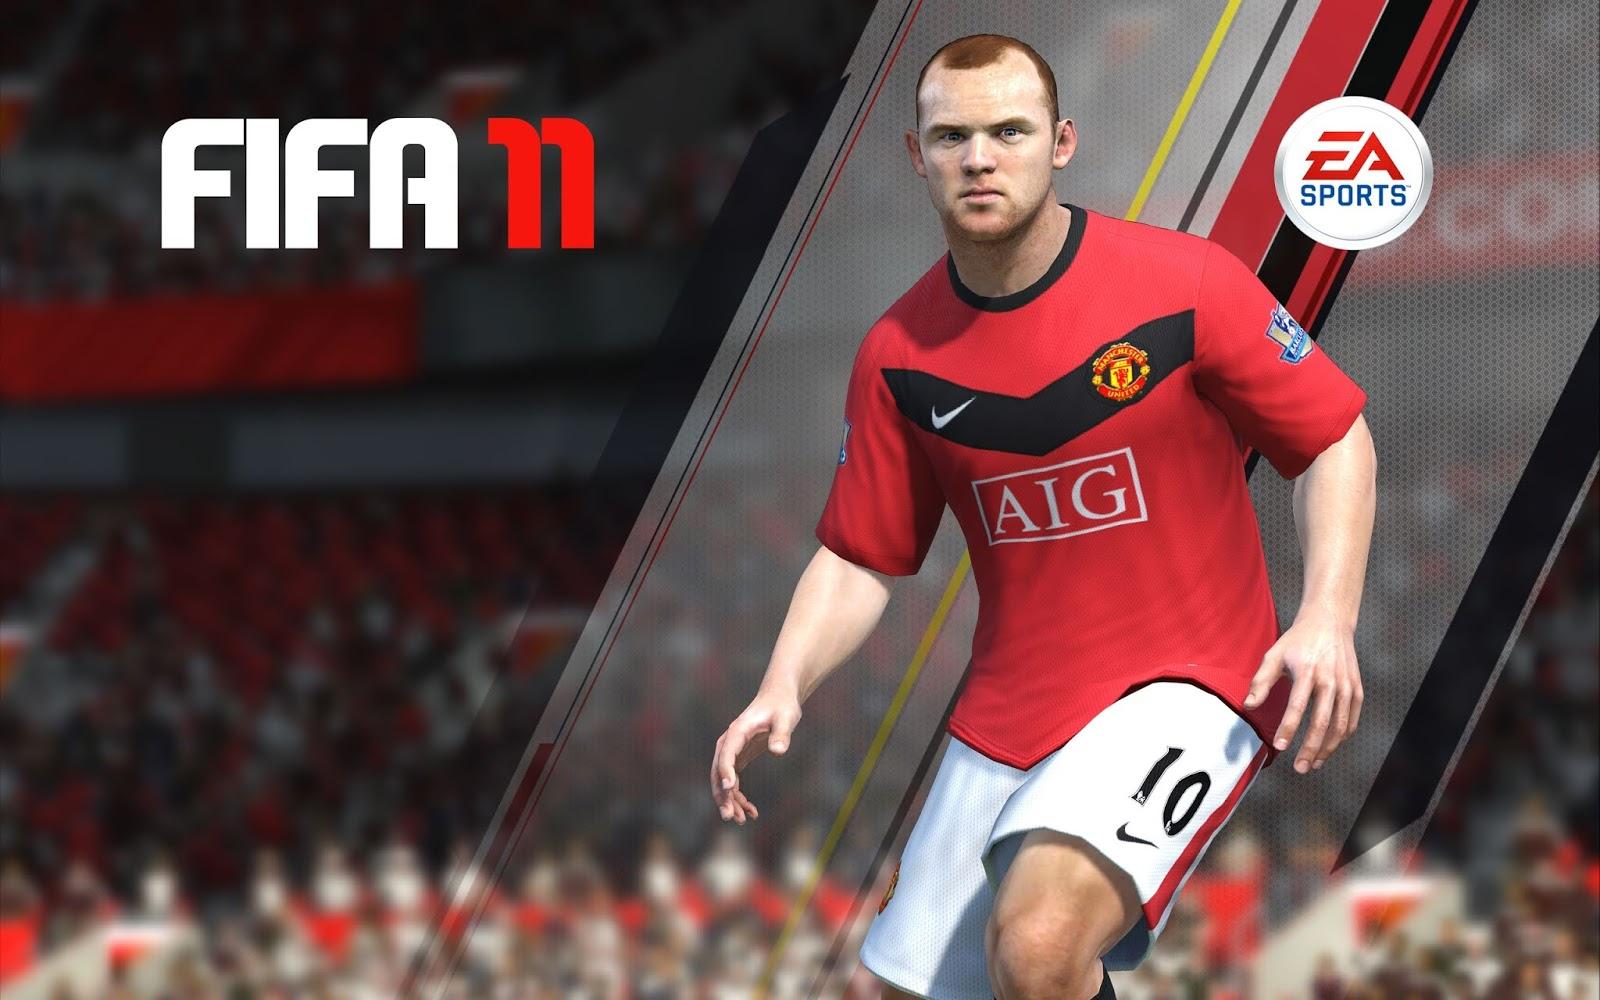 تحميل لعبة كرة القدم فيفا 11 - FIFA 11